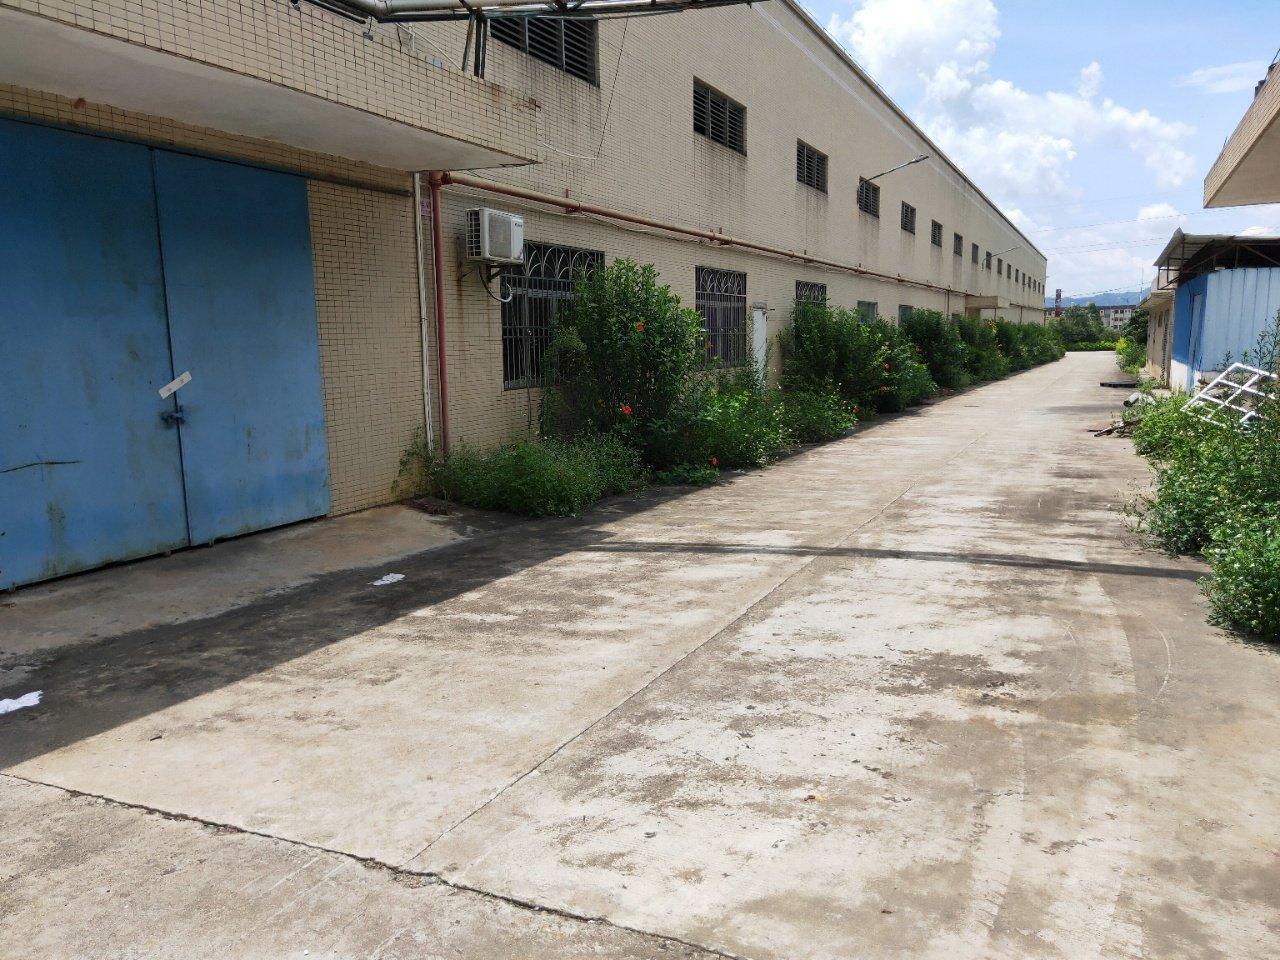 博罗罗阳原房东工业园可做小污染行业,周边无居民电可过户